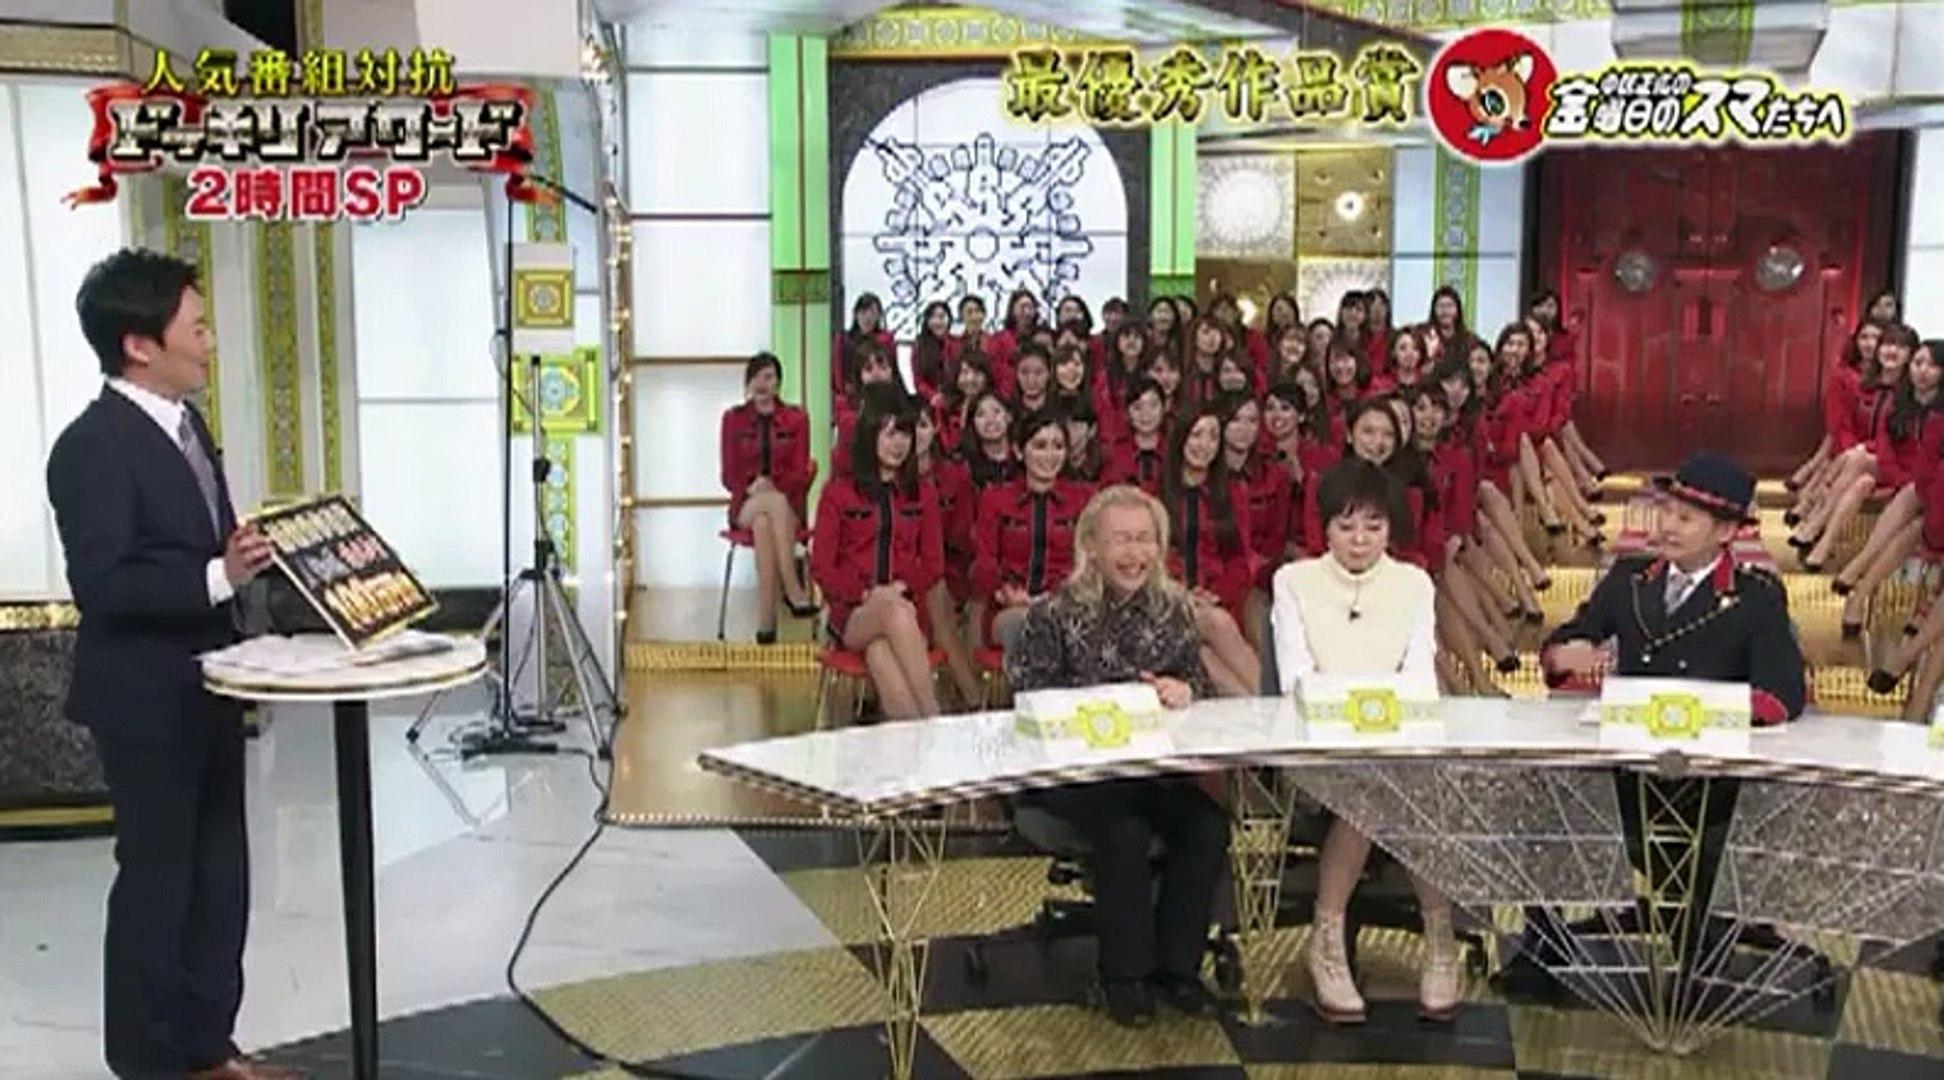 情熱大陸 2016年1月3日 160103 国境なき医師団の看護師・大滝潤子に密着!